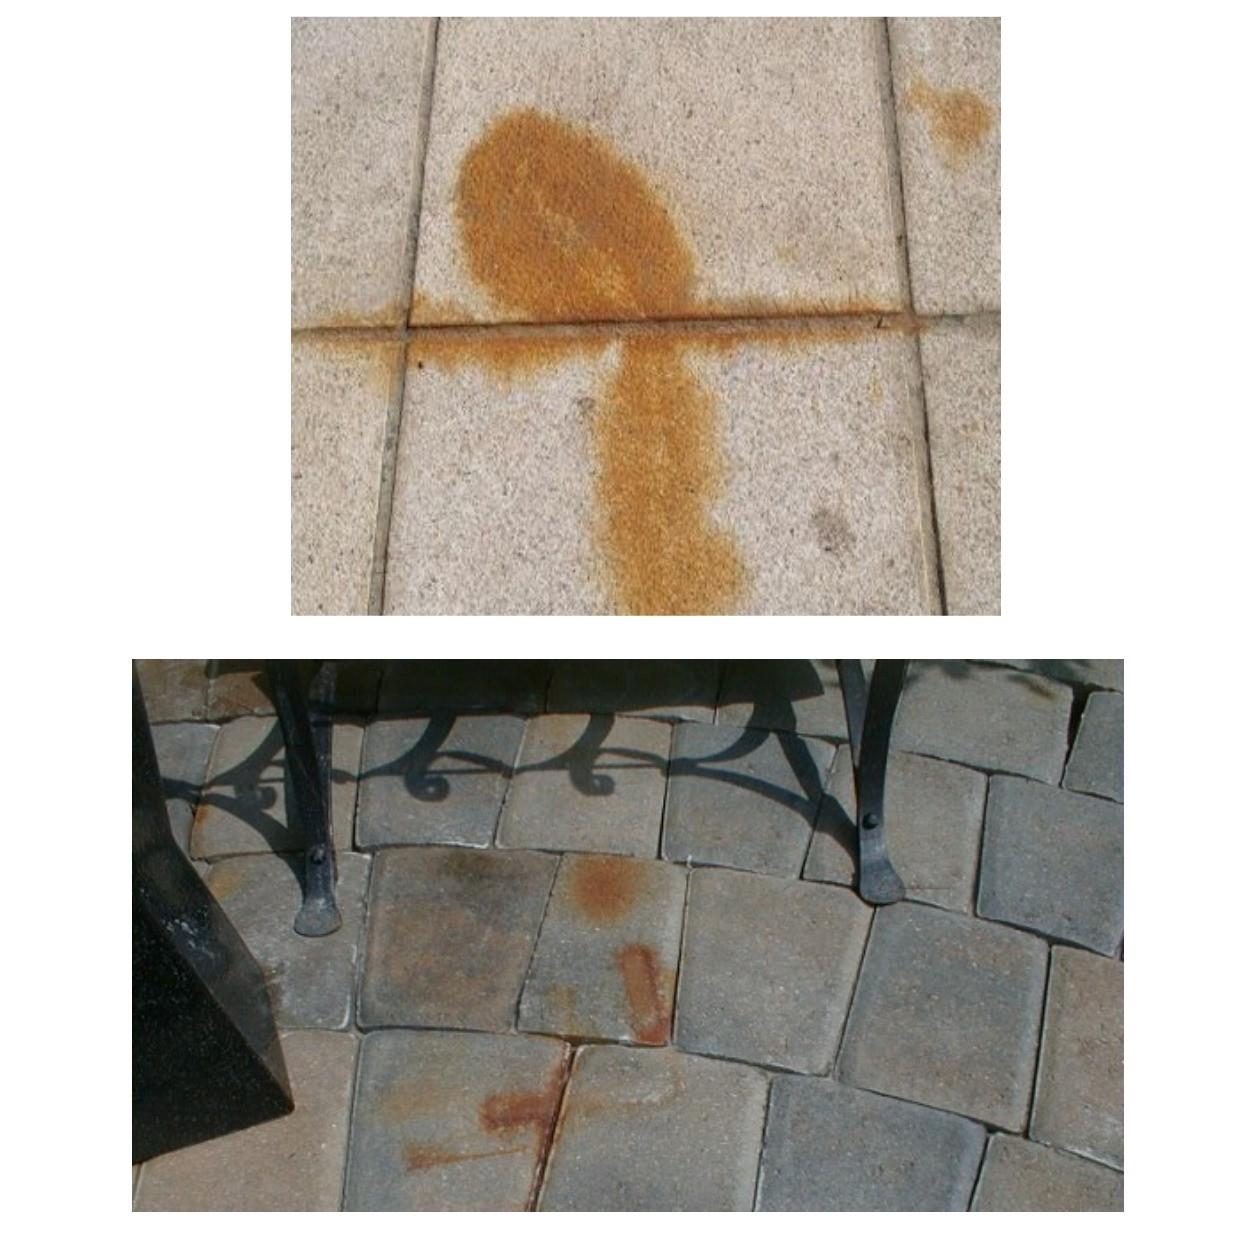 изображение следов ржавчины на тротуарной плитке